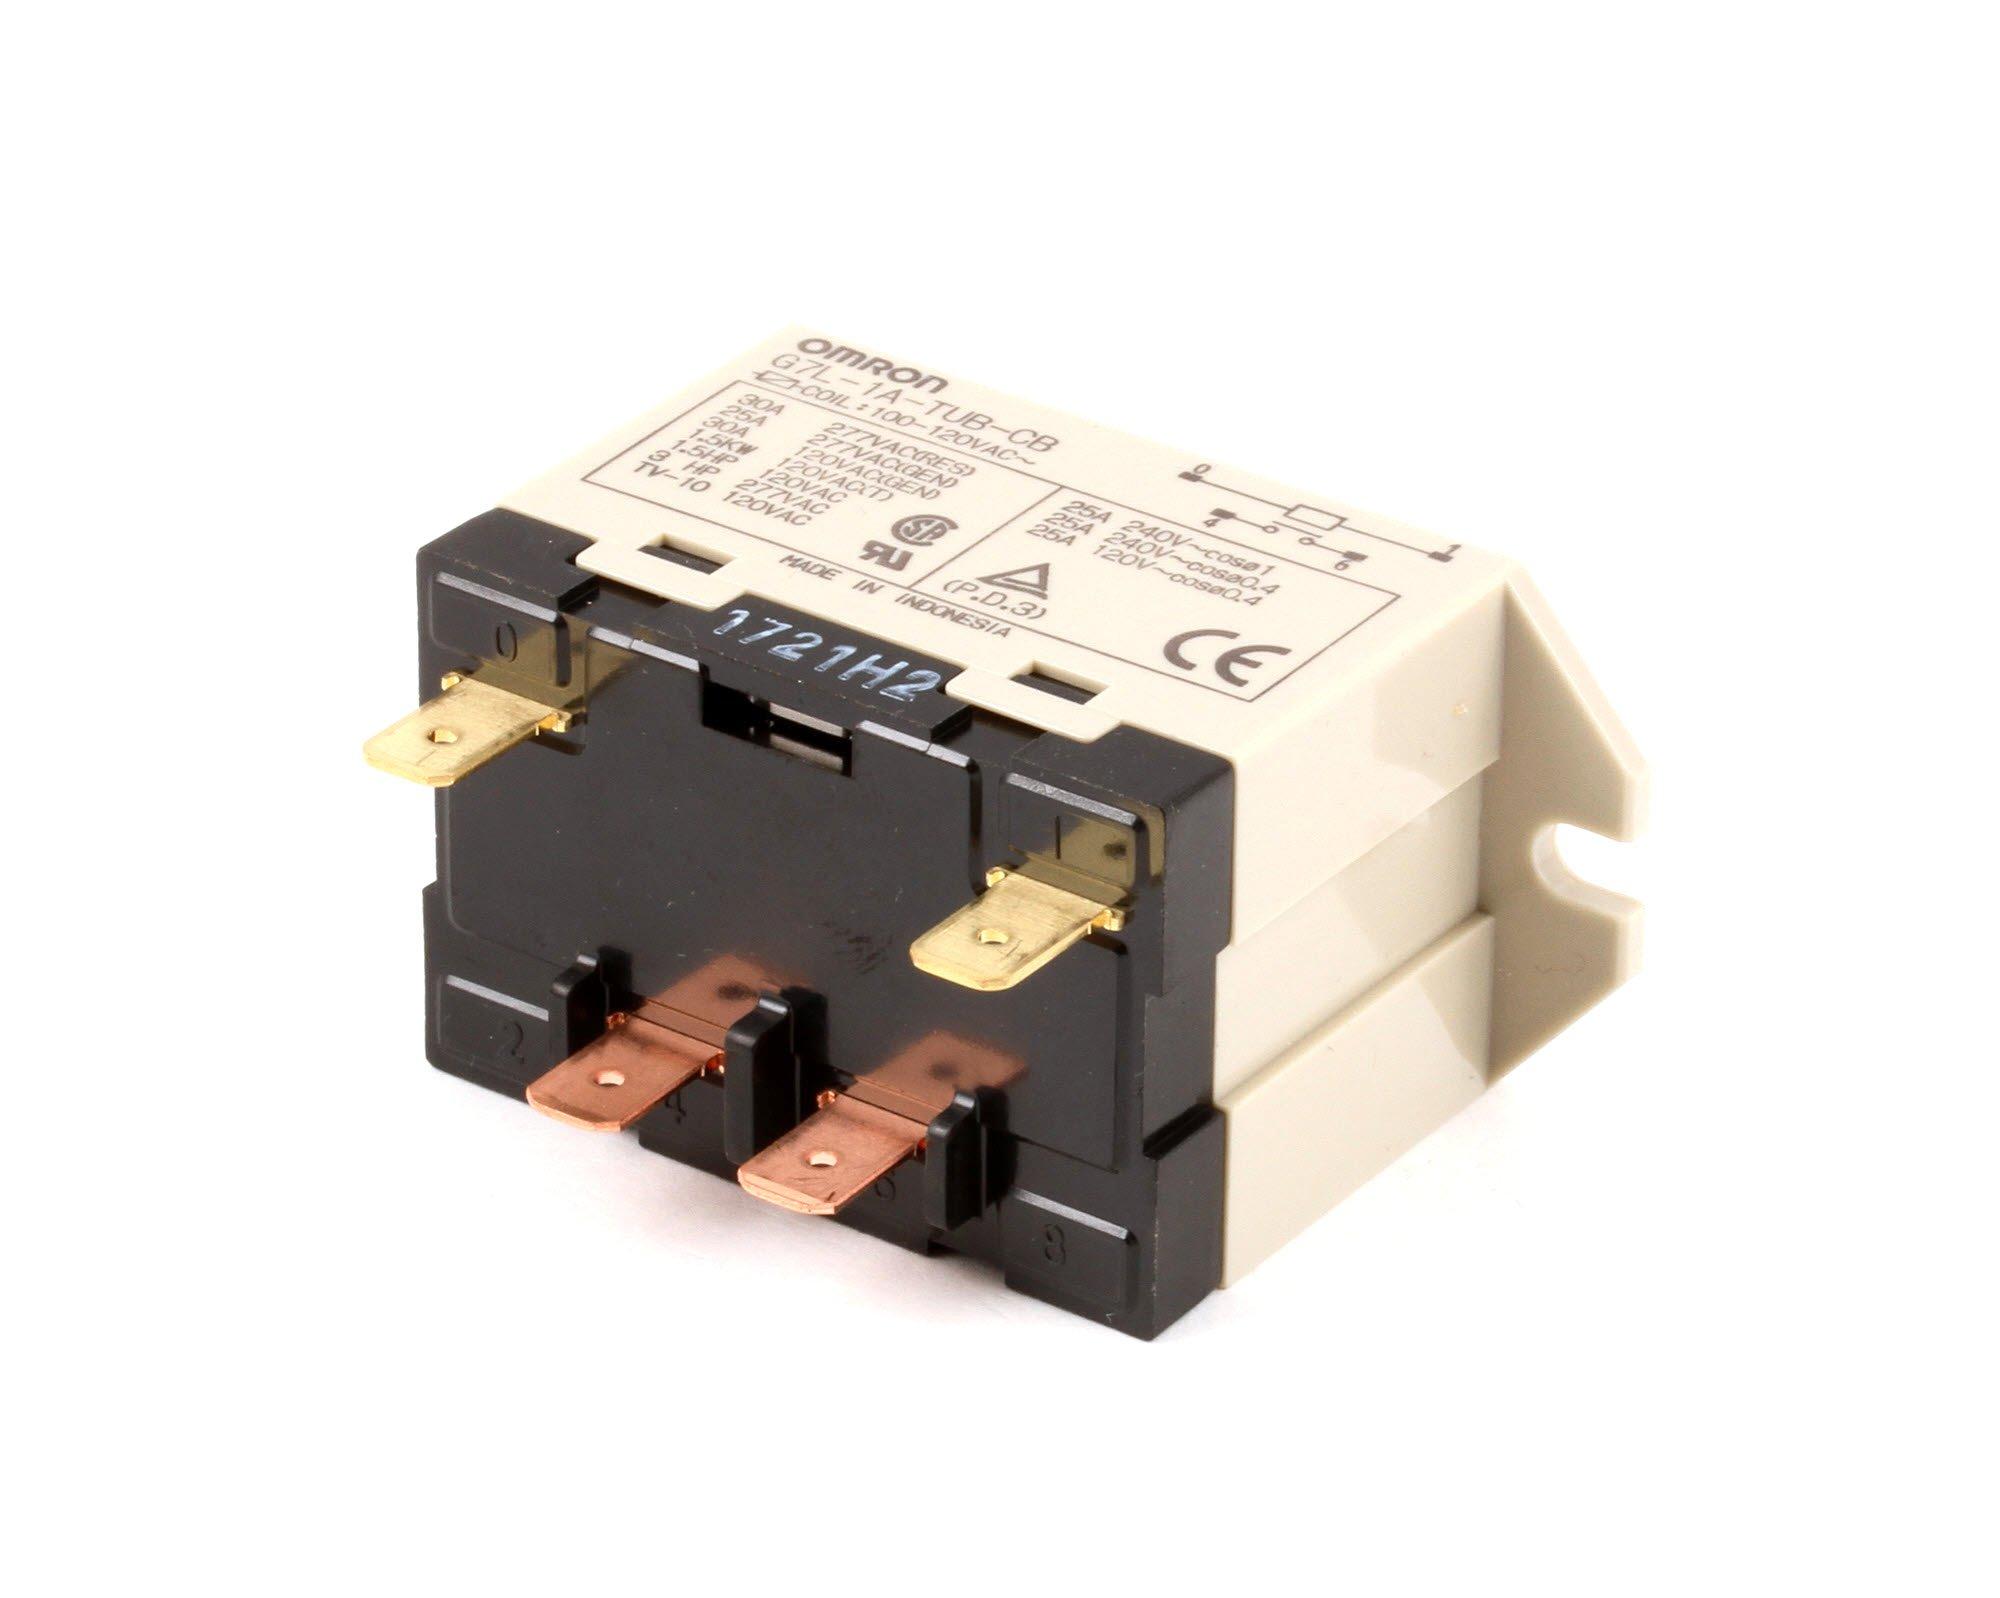 hight resolution of get quotations hoshizaki 4a3140 01 relay compressor